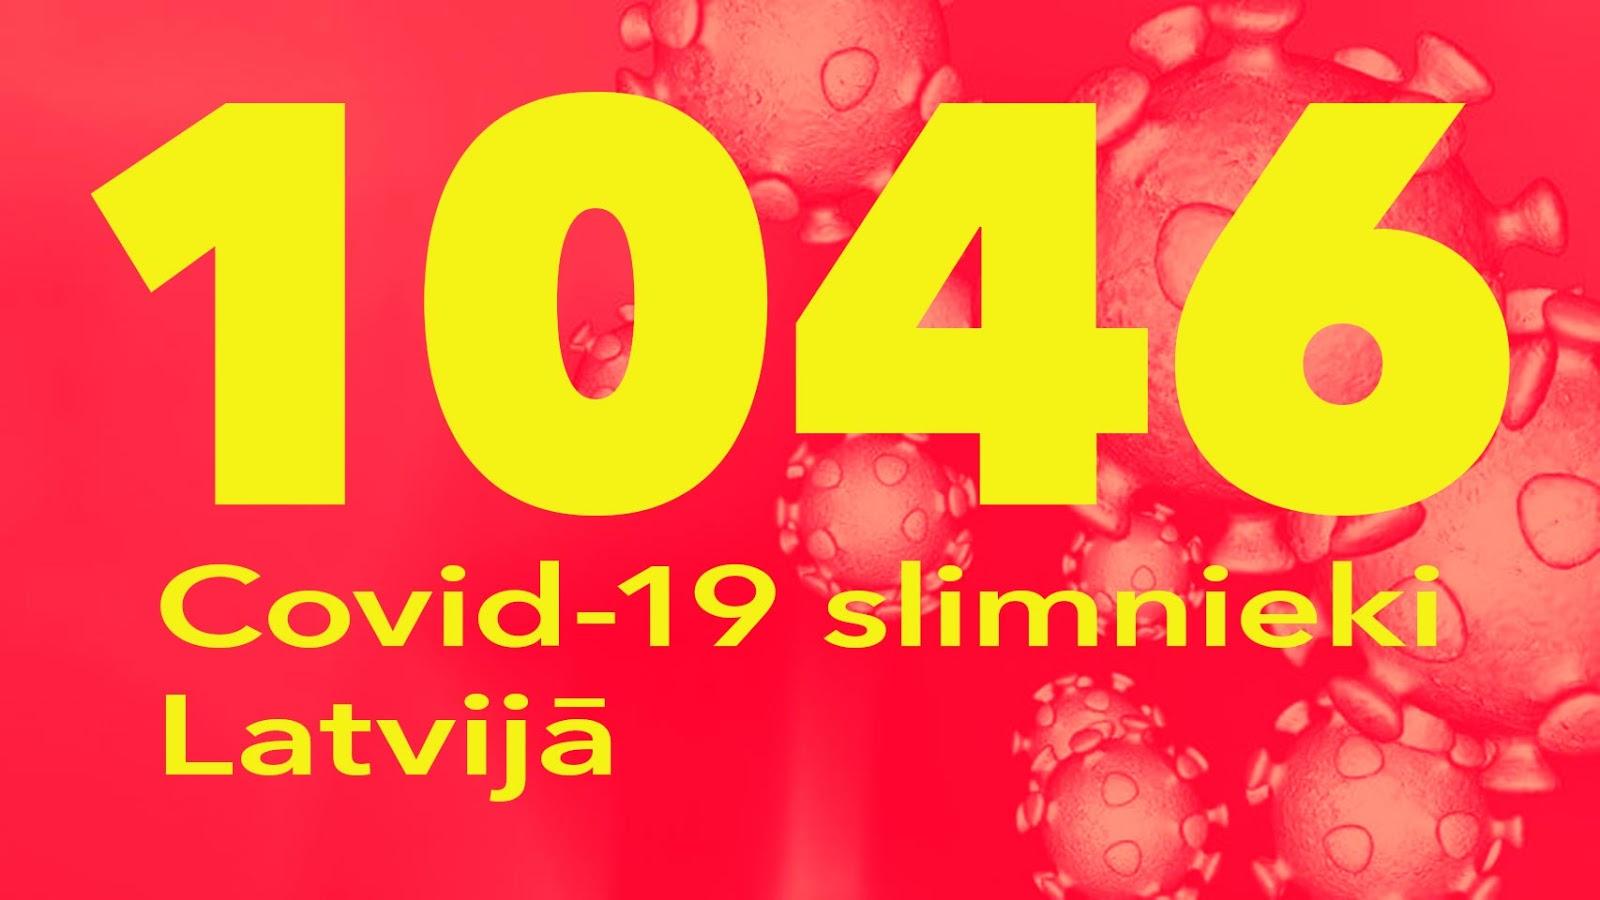 Koronavīrusa saslimušo skaits Latvijā 23.05.2020.